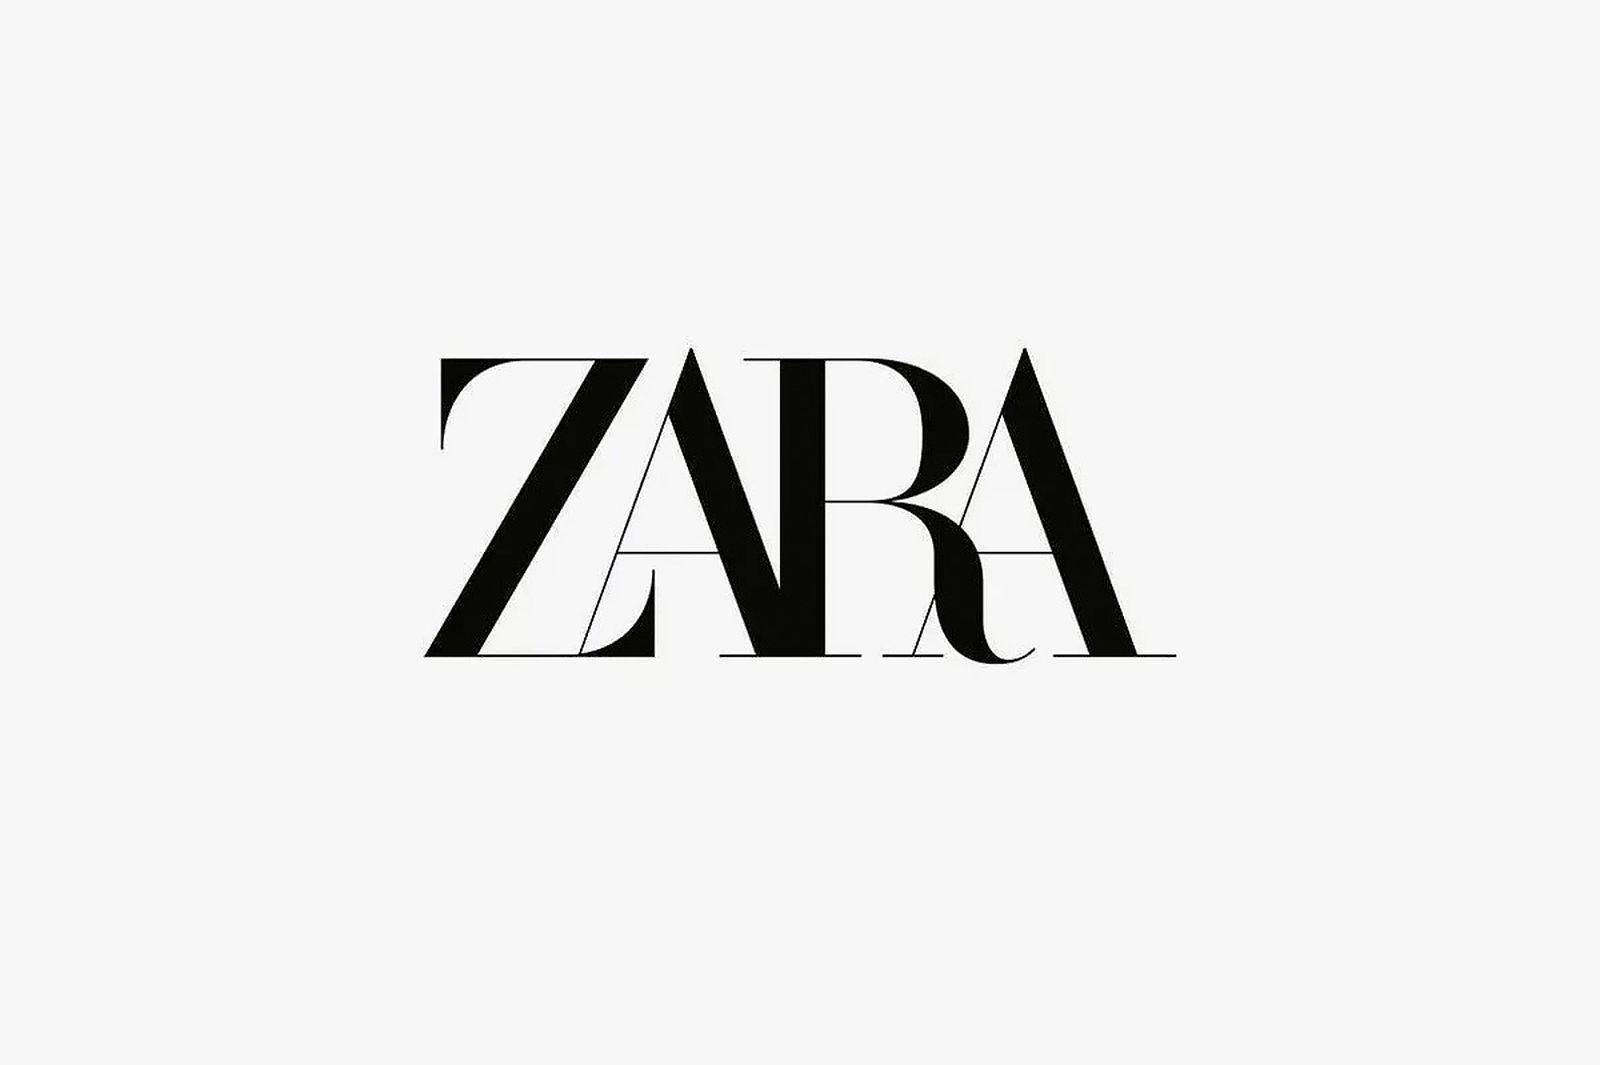 zara new logo